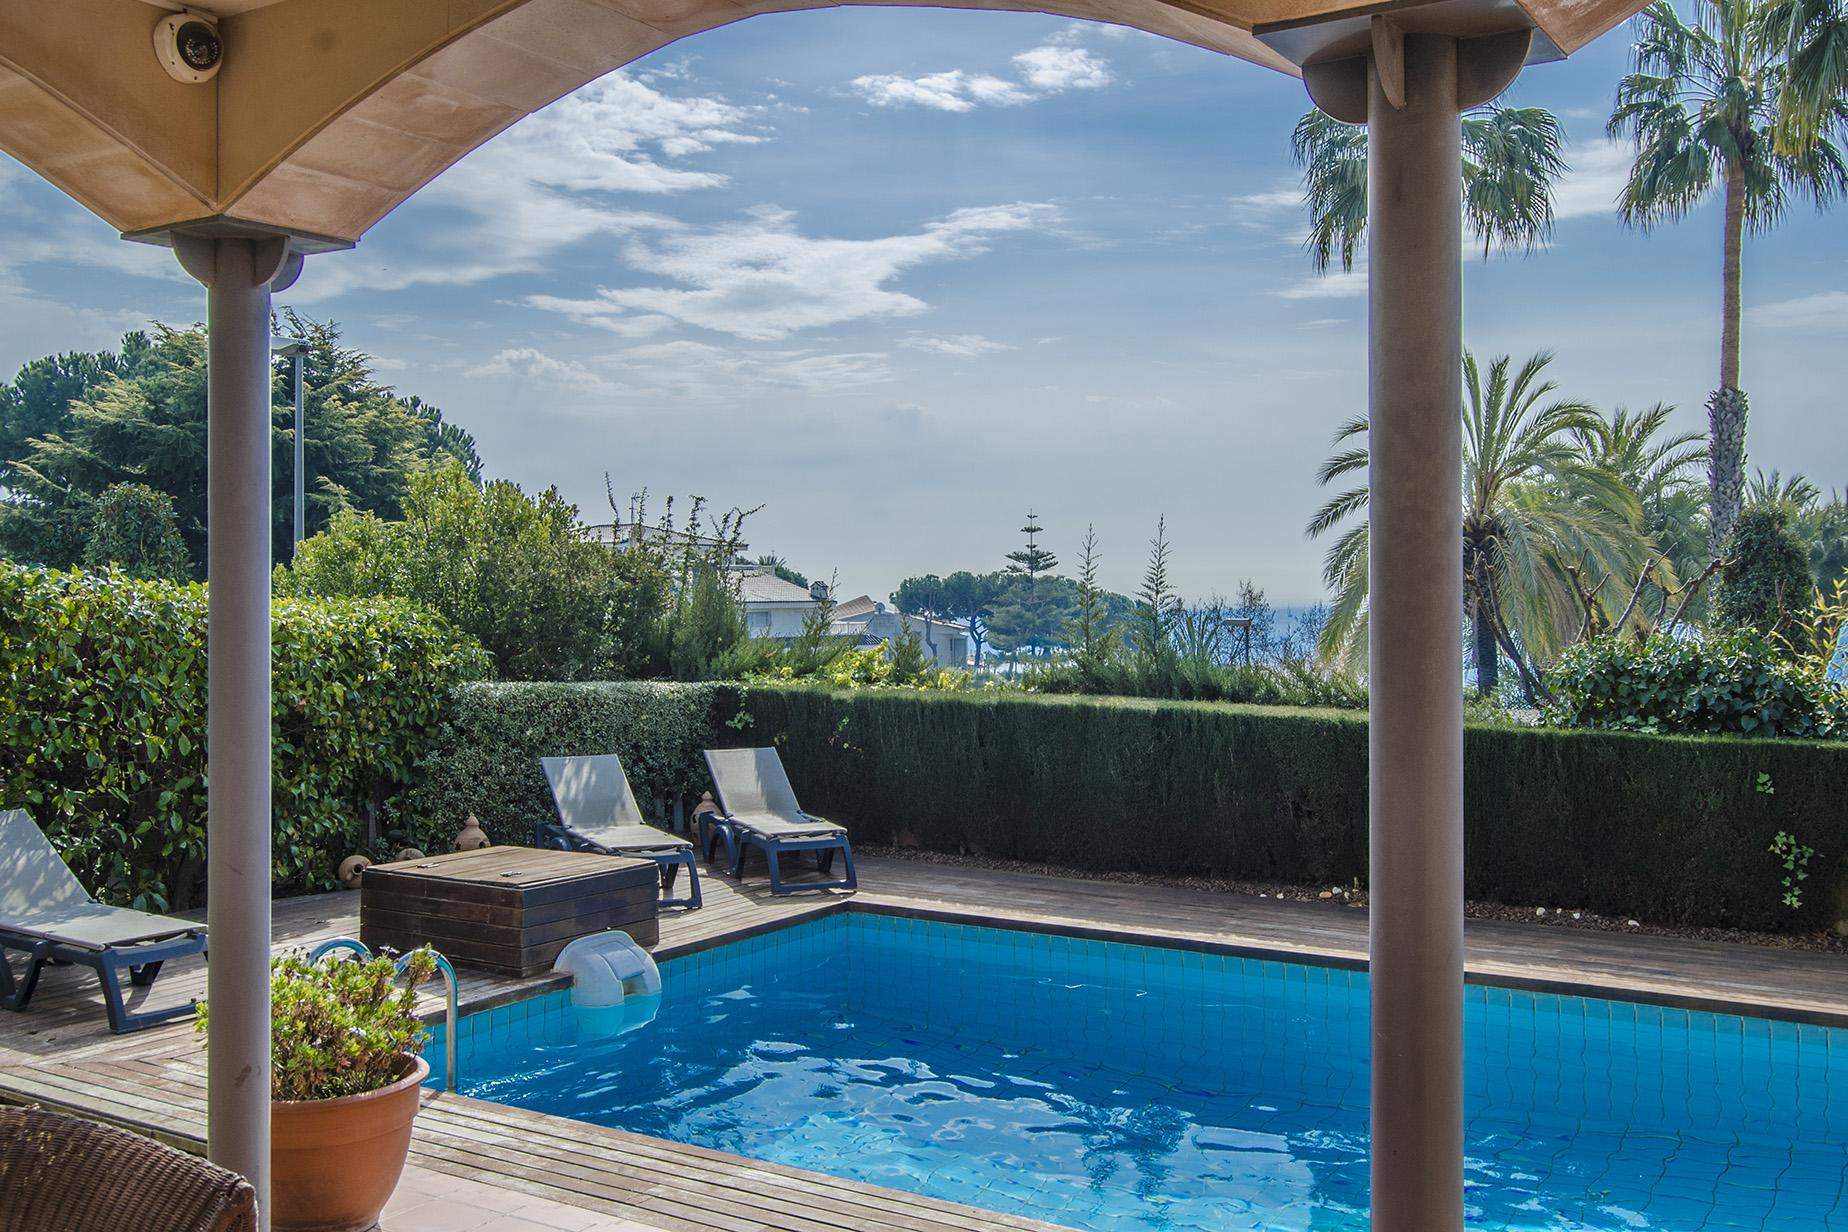 Einfamilienhaus für Verkauf beim The sun, beach and privacy in Alella Alella, Barcelona 08328 Spanien